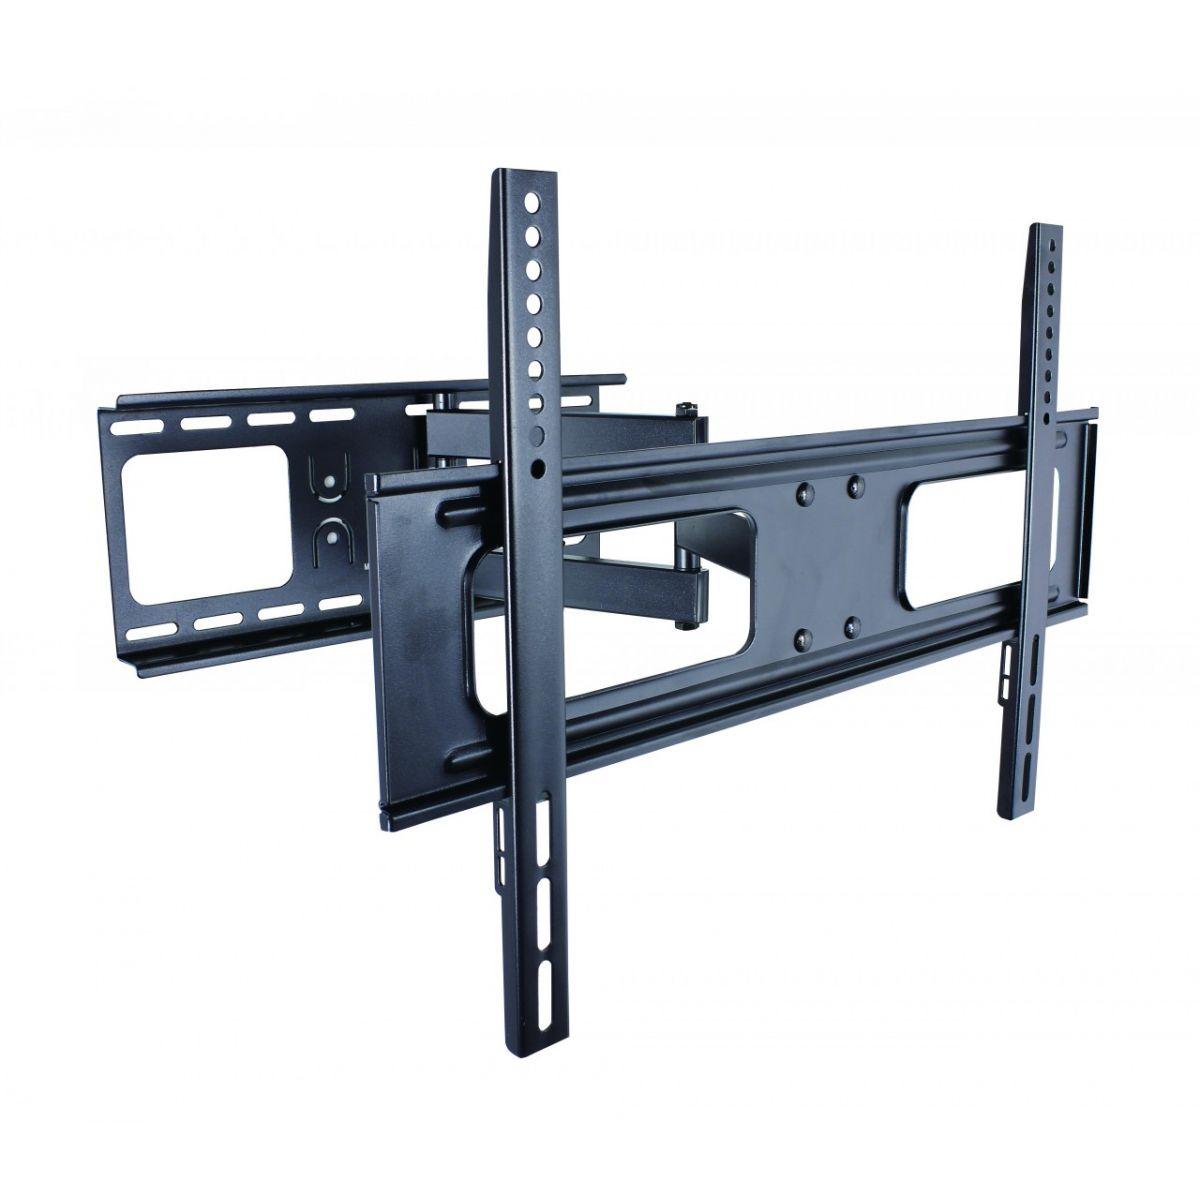 Suporte Brasforma SBRP642 - para TV LCD|LED|PLASMA|3D 37´ até 70´, Cor: Preto